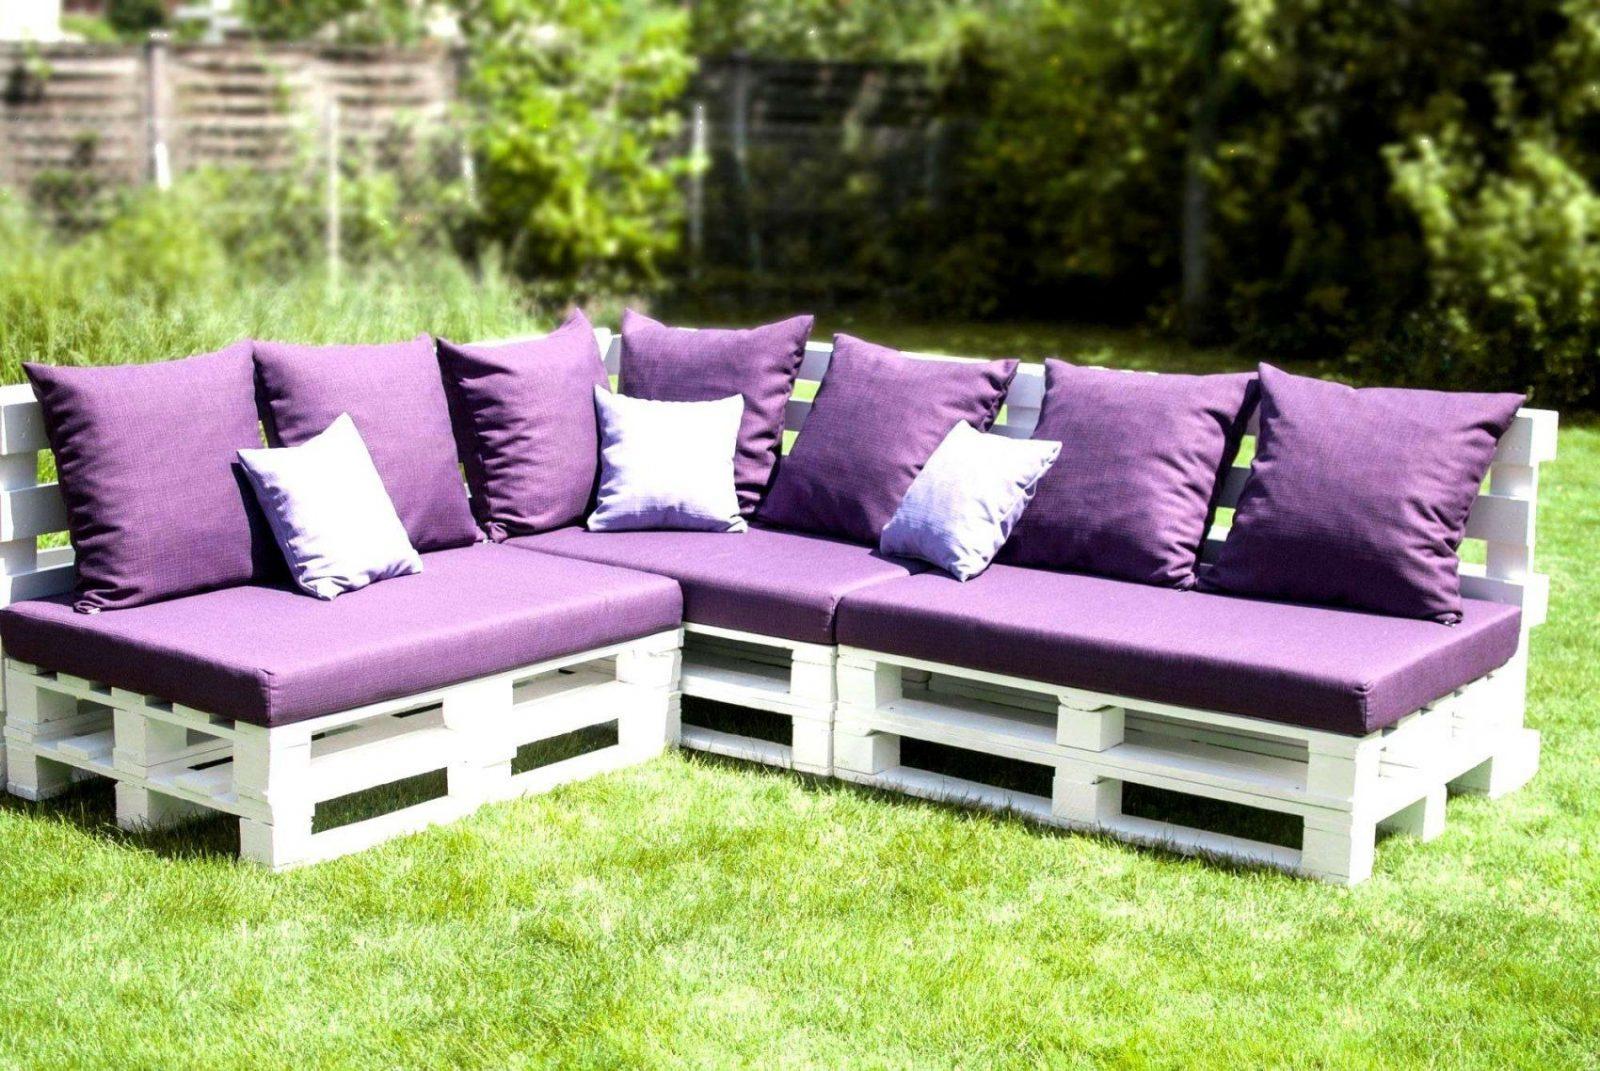 35 inspiration paletten sofa selber bauen konzept gartenm bel ideen von garten sofa selber bauen. Black Bedroom Furniture Sets. Home Design Ideas